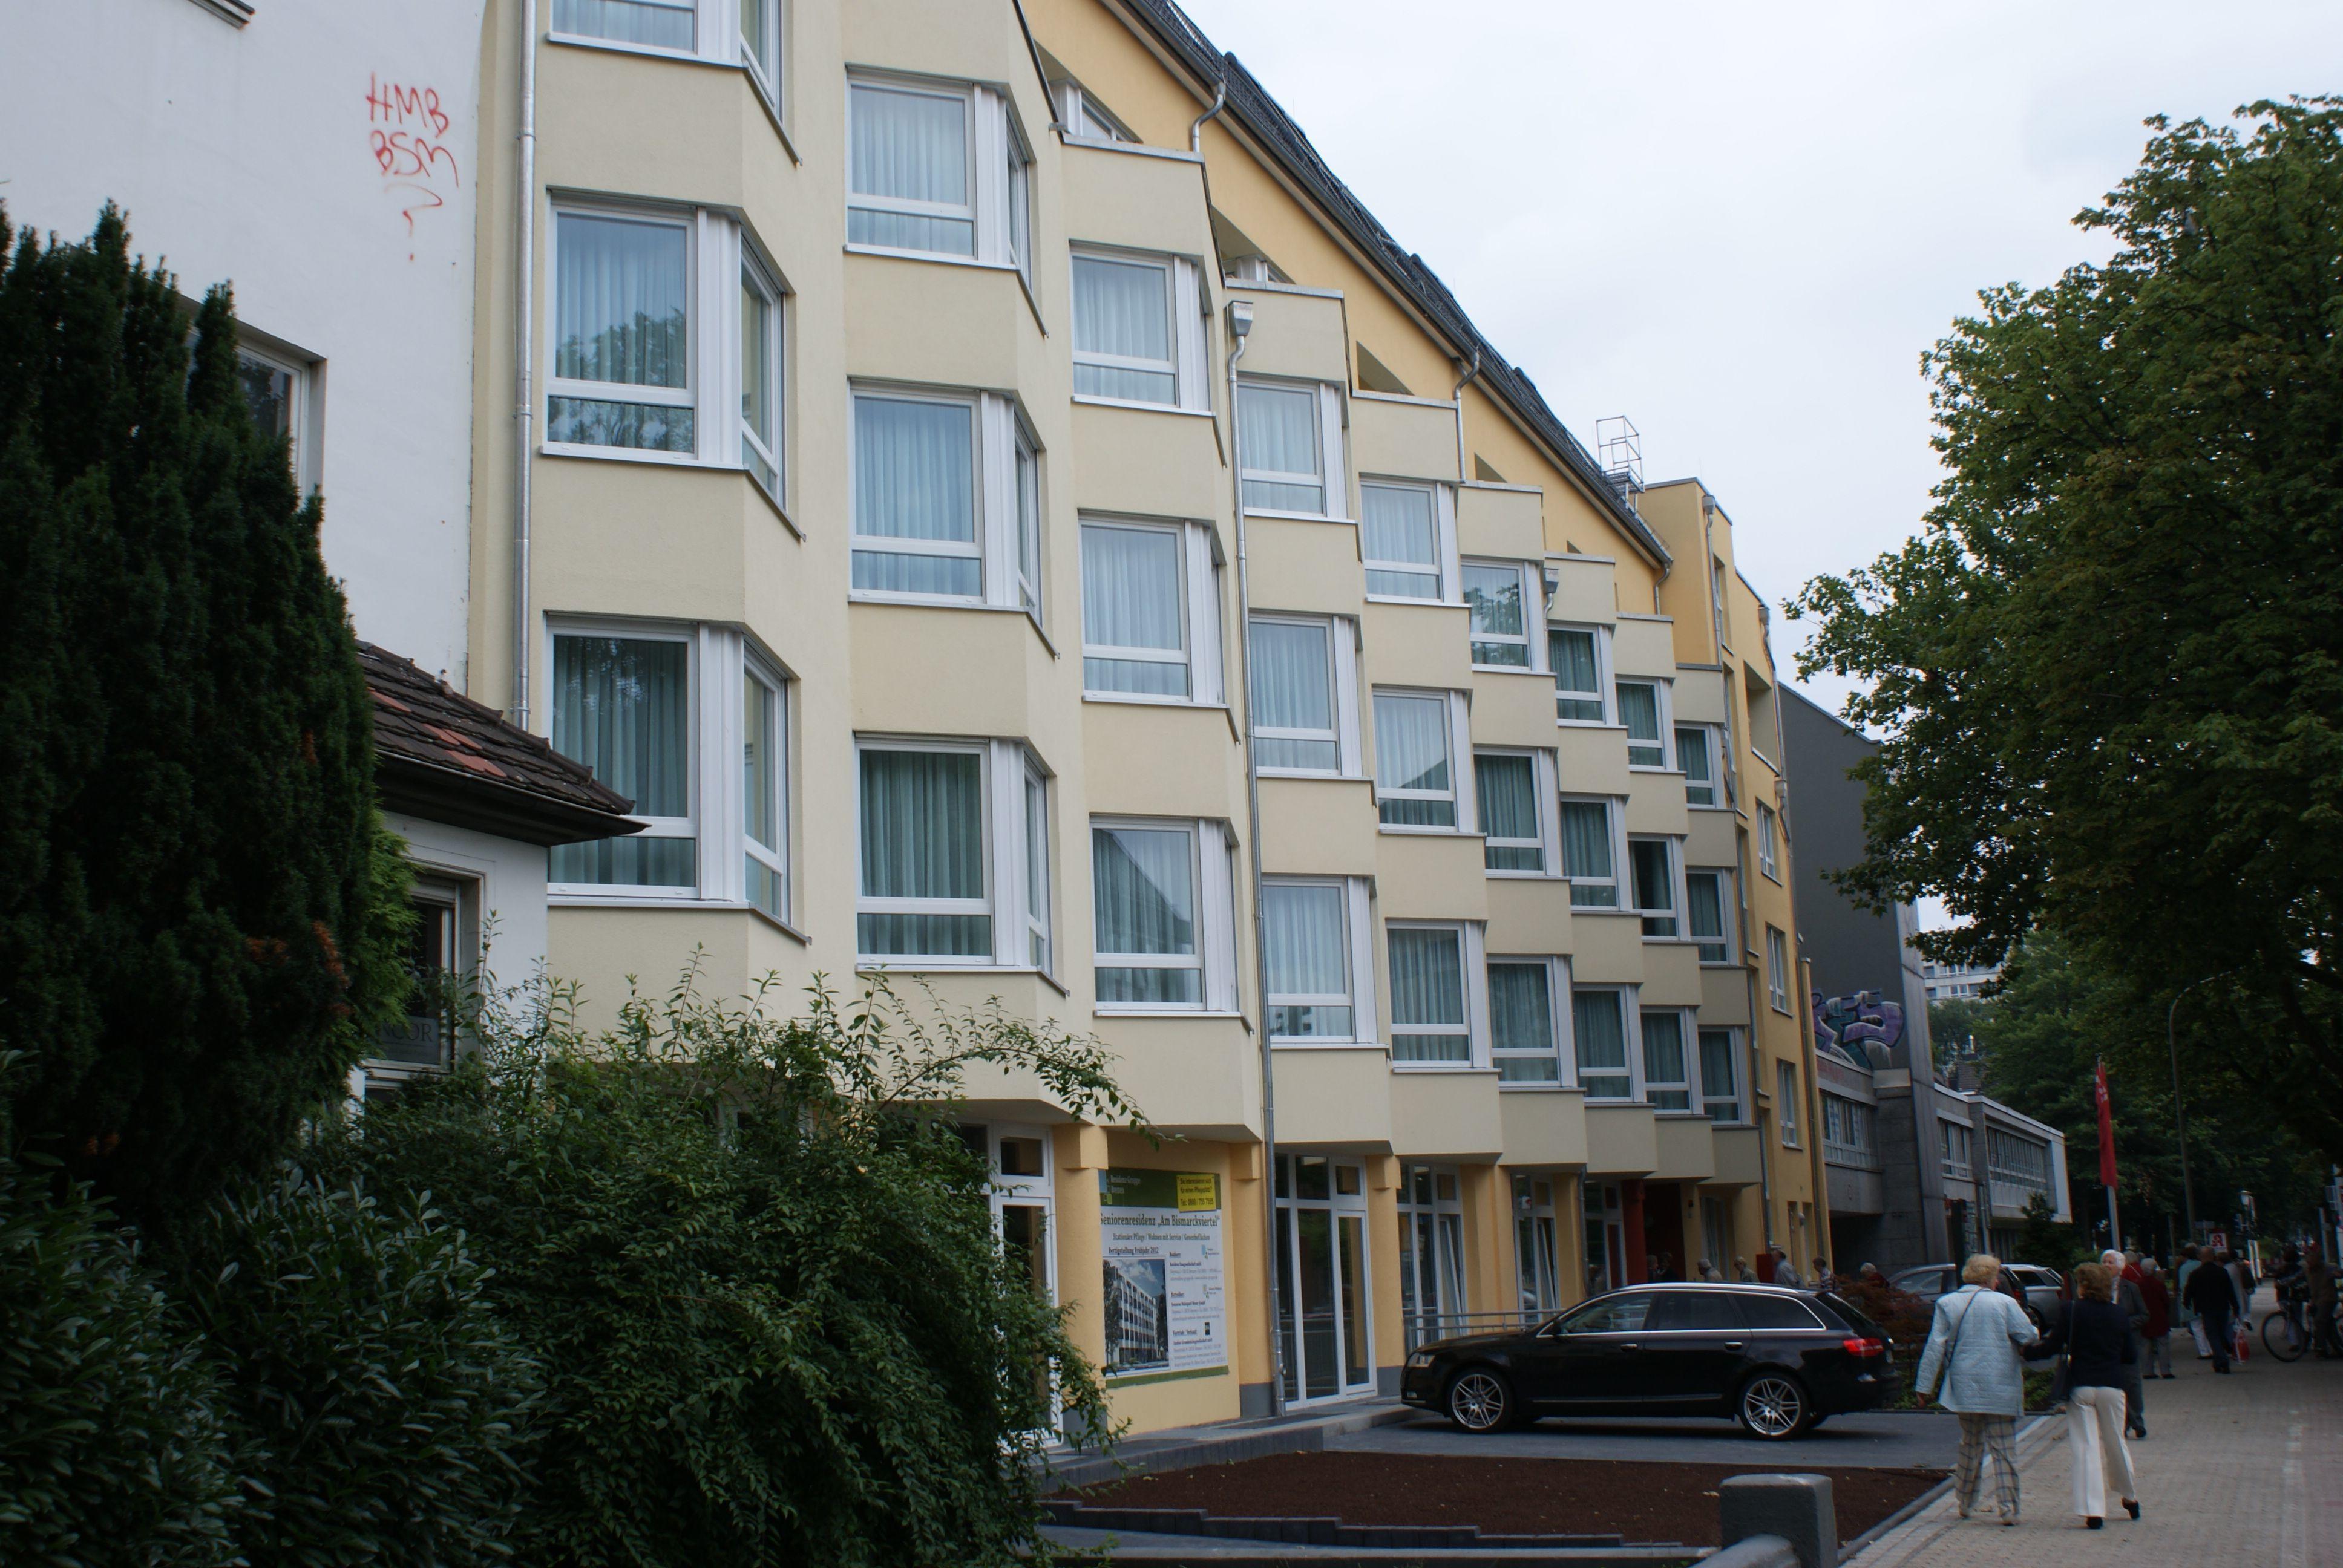 Senioren Wohnpark Weser GmbH Seniorenzentrum